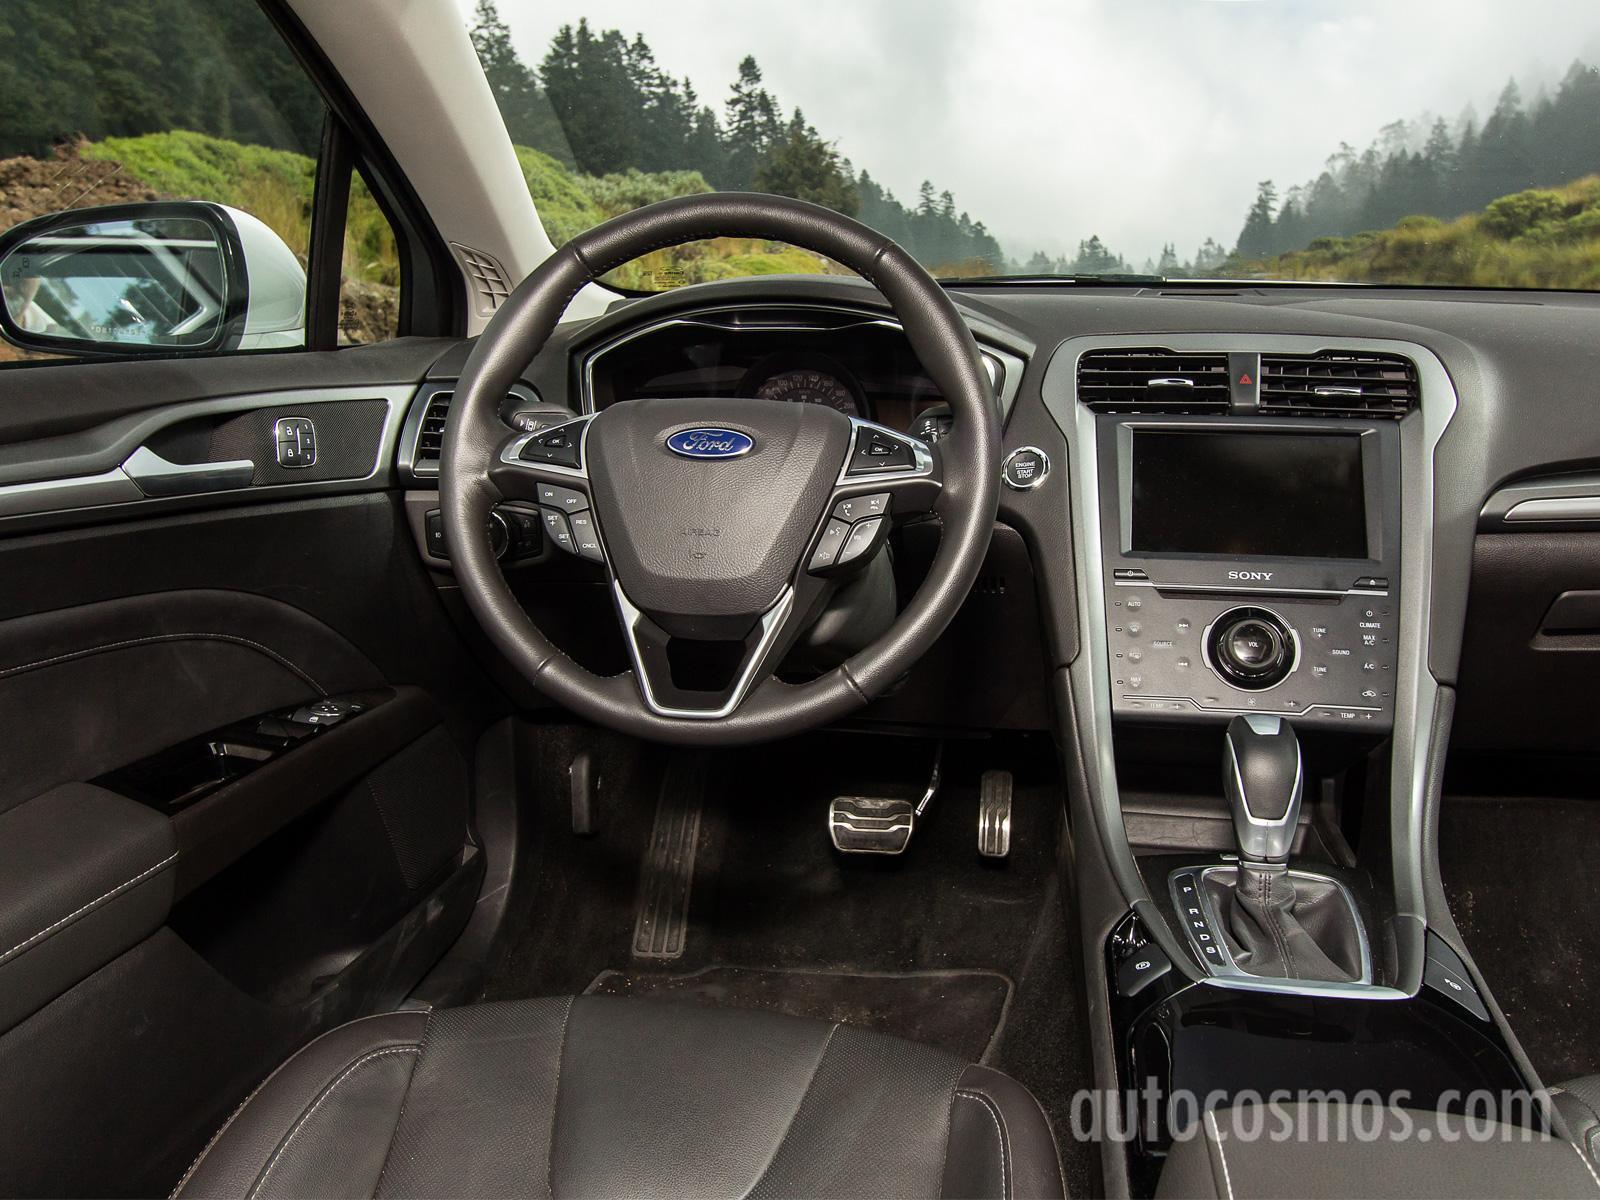 Ford Fusion Titanium 2013 A Prueba Autocosmos Com